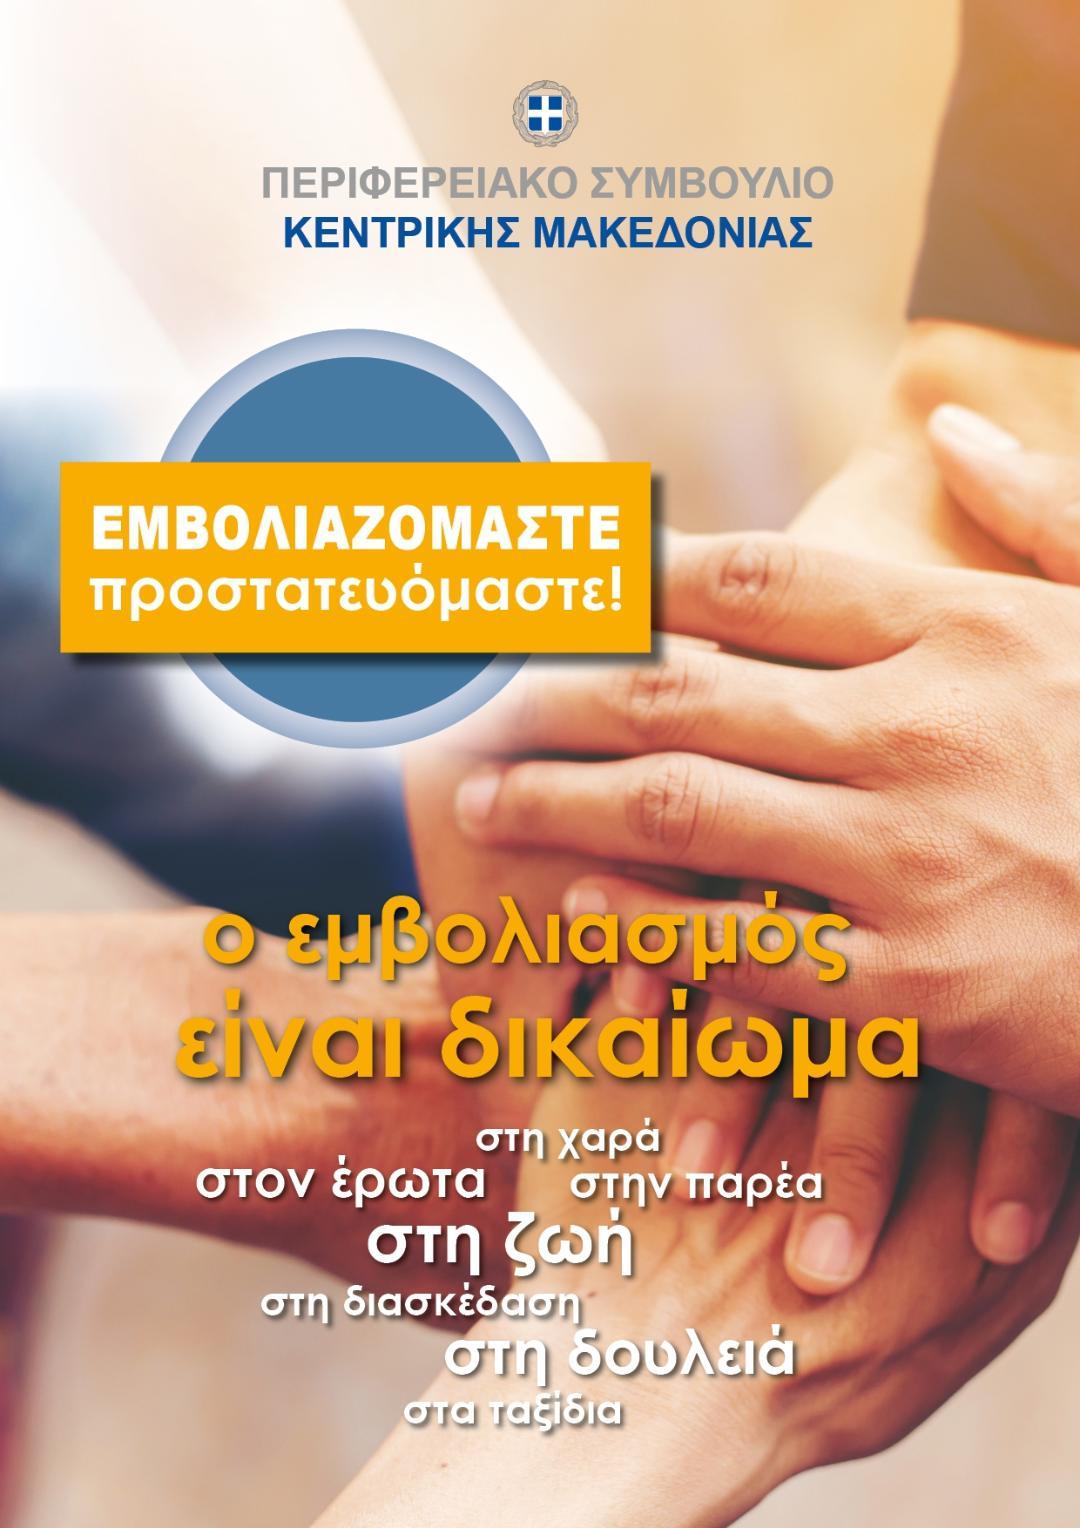 Μήνυμα του Περιφερειακού Συμβουλίου Κεντρικής Μακεδονίας υπέρ του εμβολιασμού: «Εμβολιαζόμαστε, προστατευόμαστε»